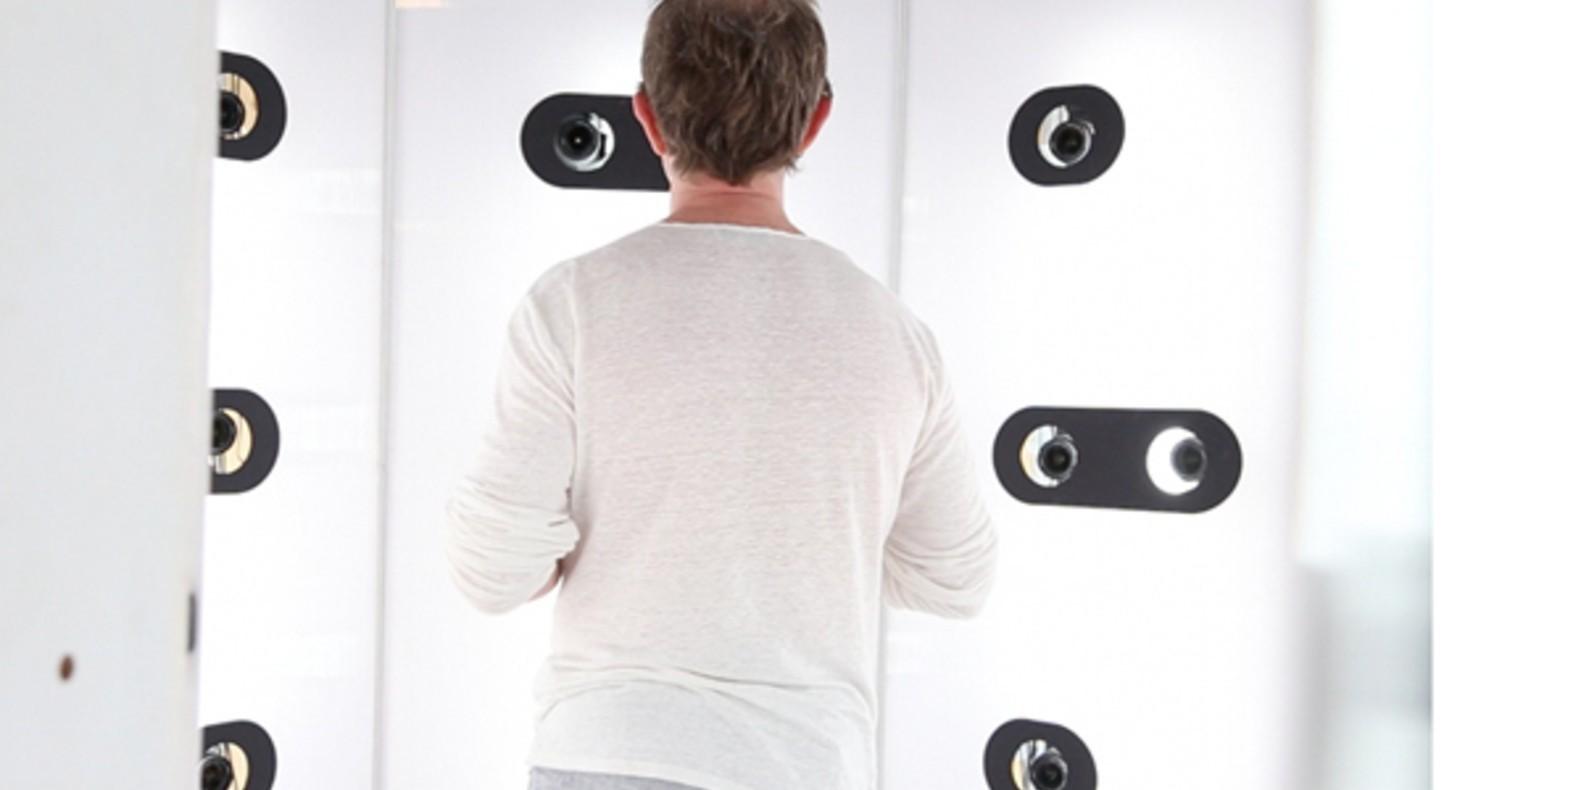 CULTS11 MOÏMEE le service de modélisation de la personne en 3D